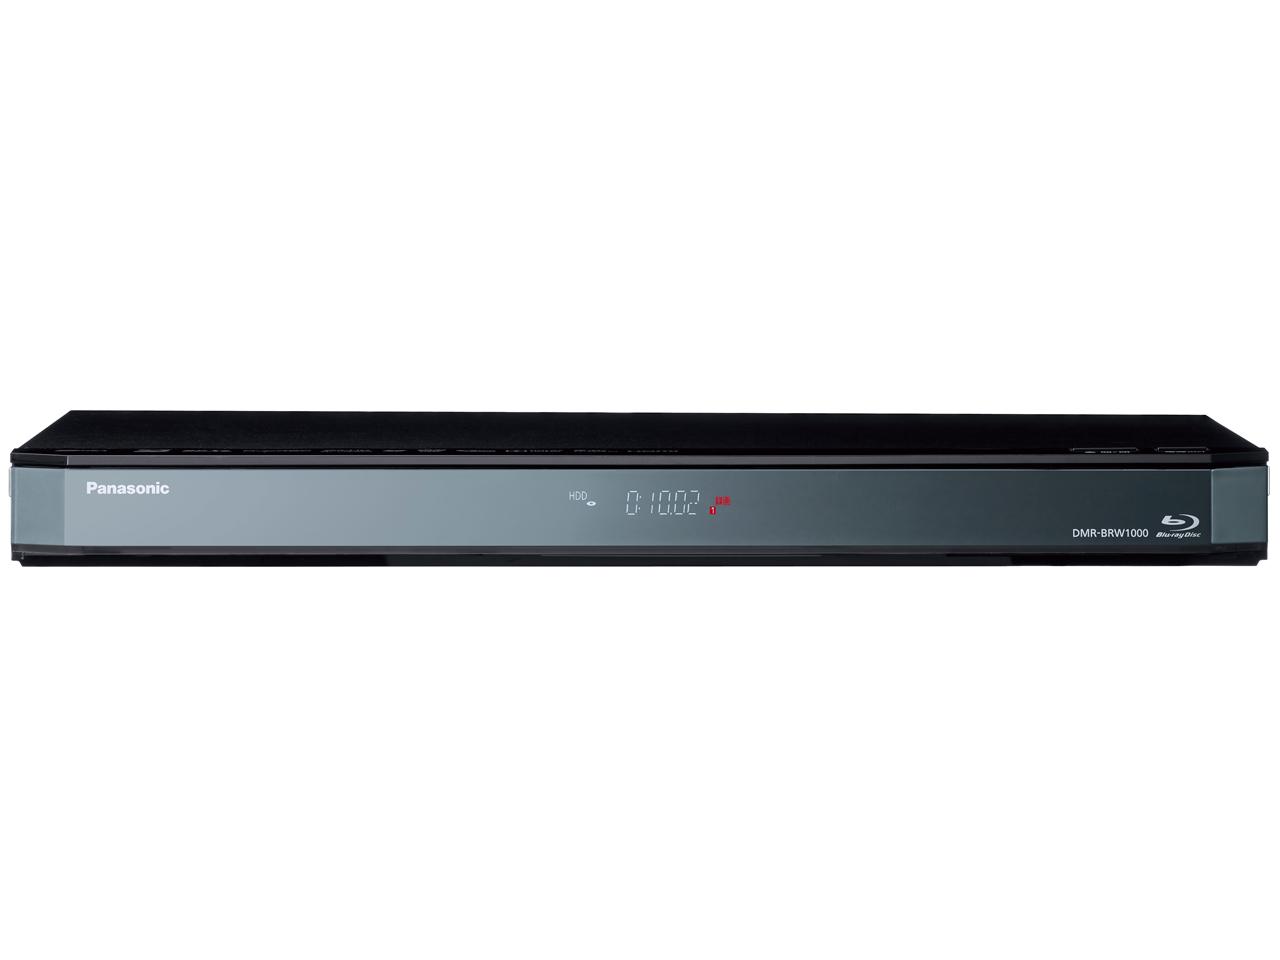 ブルーレイディーガ DMR-BRW1000 の製品画像